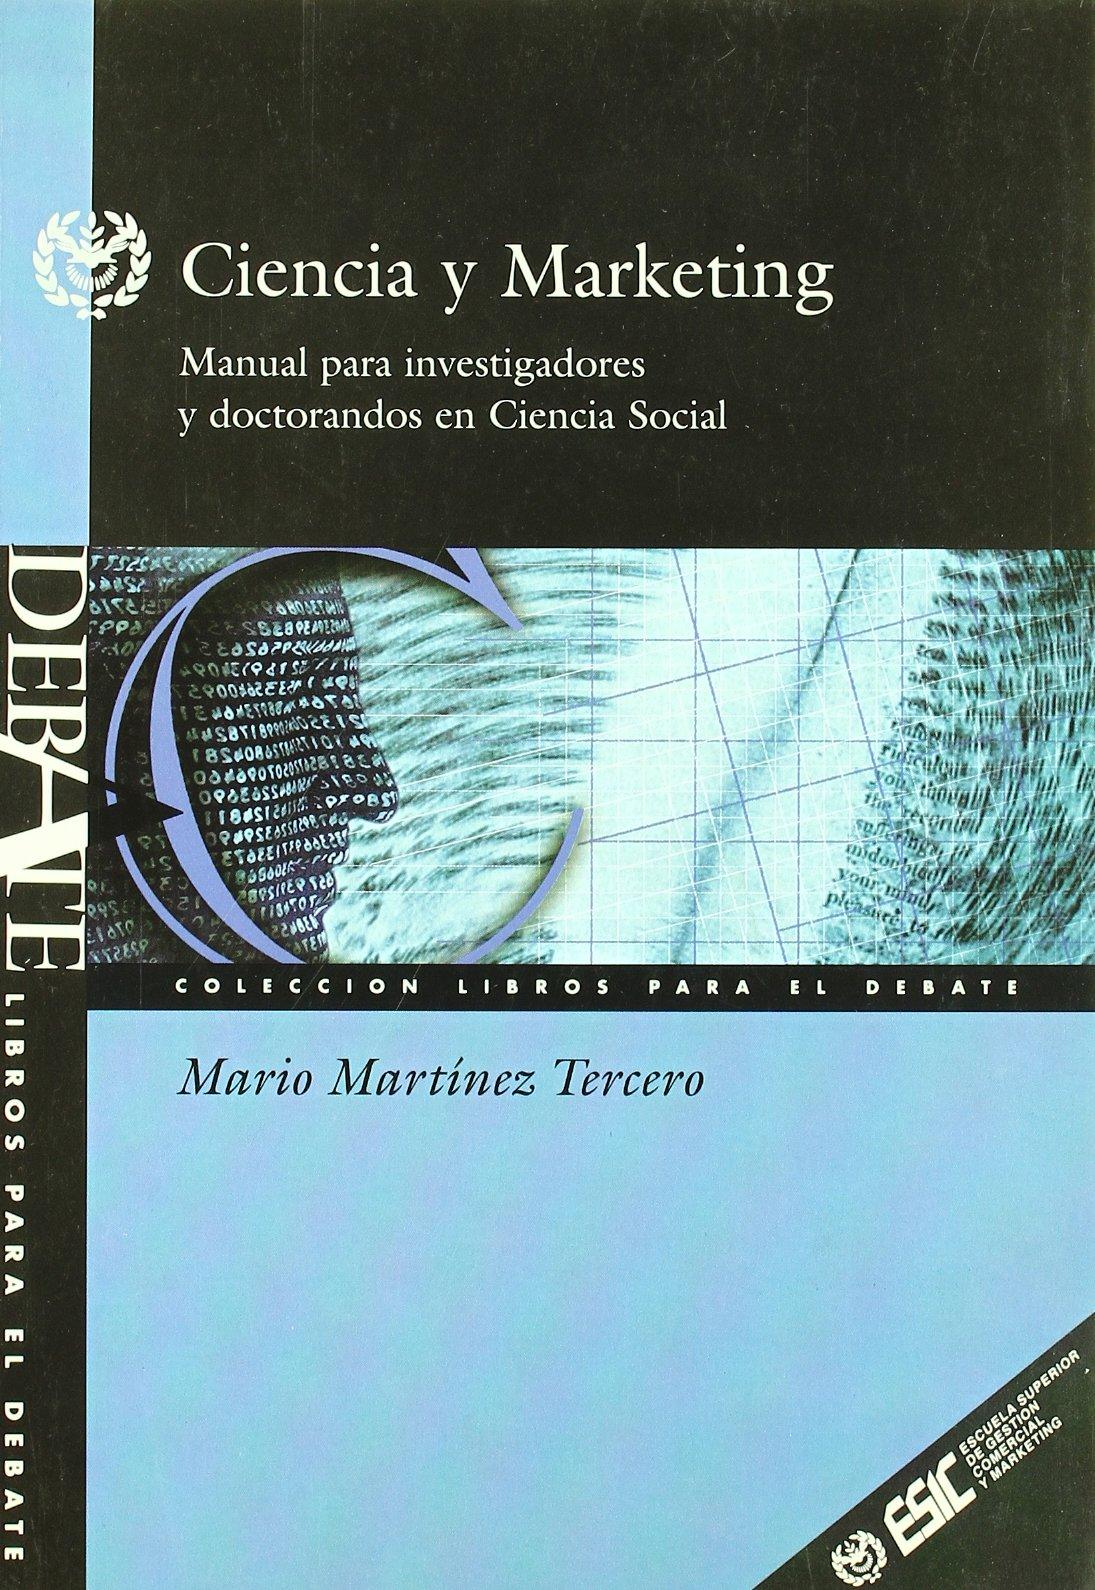 Download Ciencia y Marketing - Manual Para Investigadores (Spanish Edition) PDF